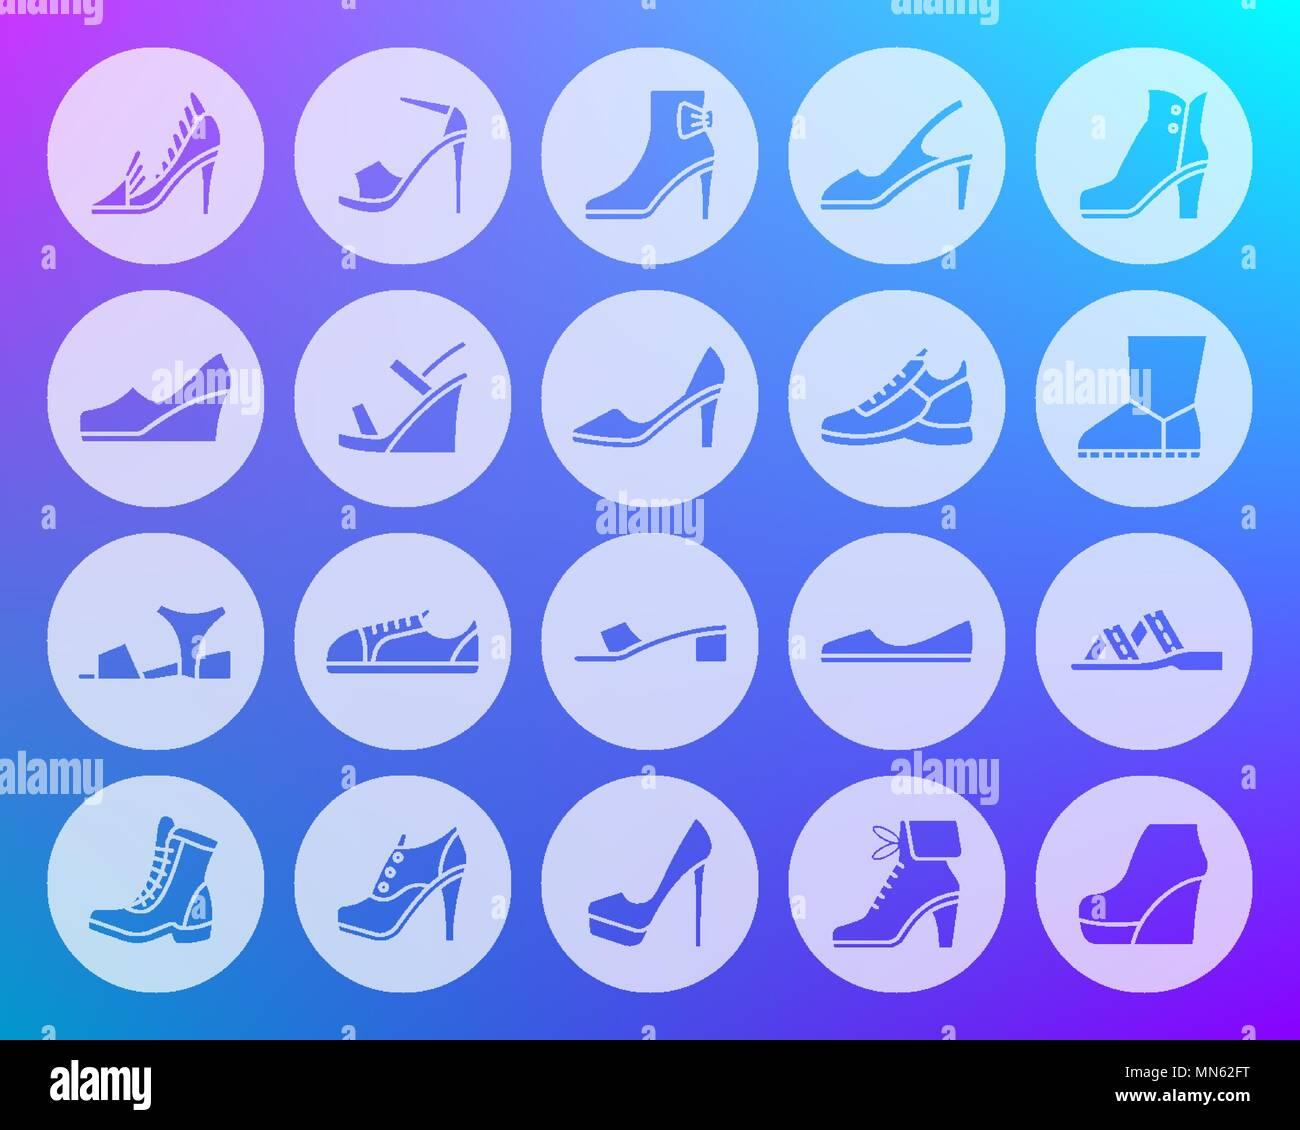 Chaussures femmes icons set. Kit de connexion Web de chaussures. Pictogramme chaussures collection comprend l'amorçage, chaussons, baskets. Vecteur simple symbole. Sculpté forme-icône Illustration de Vecteur